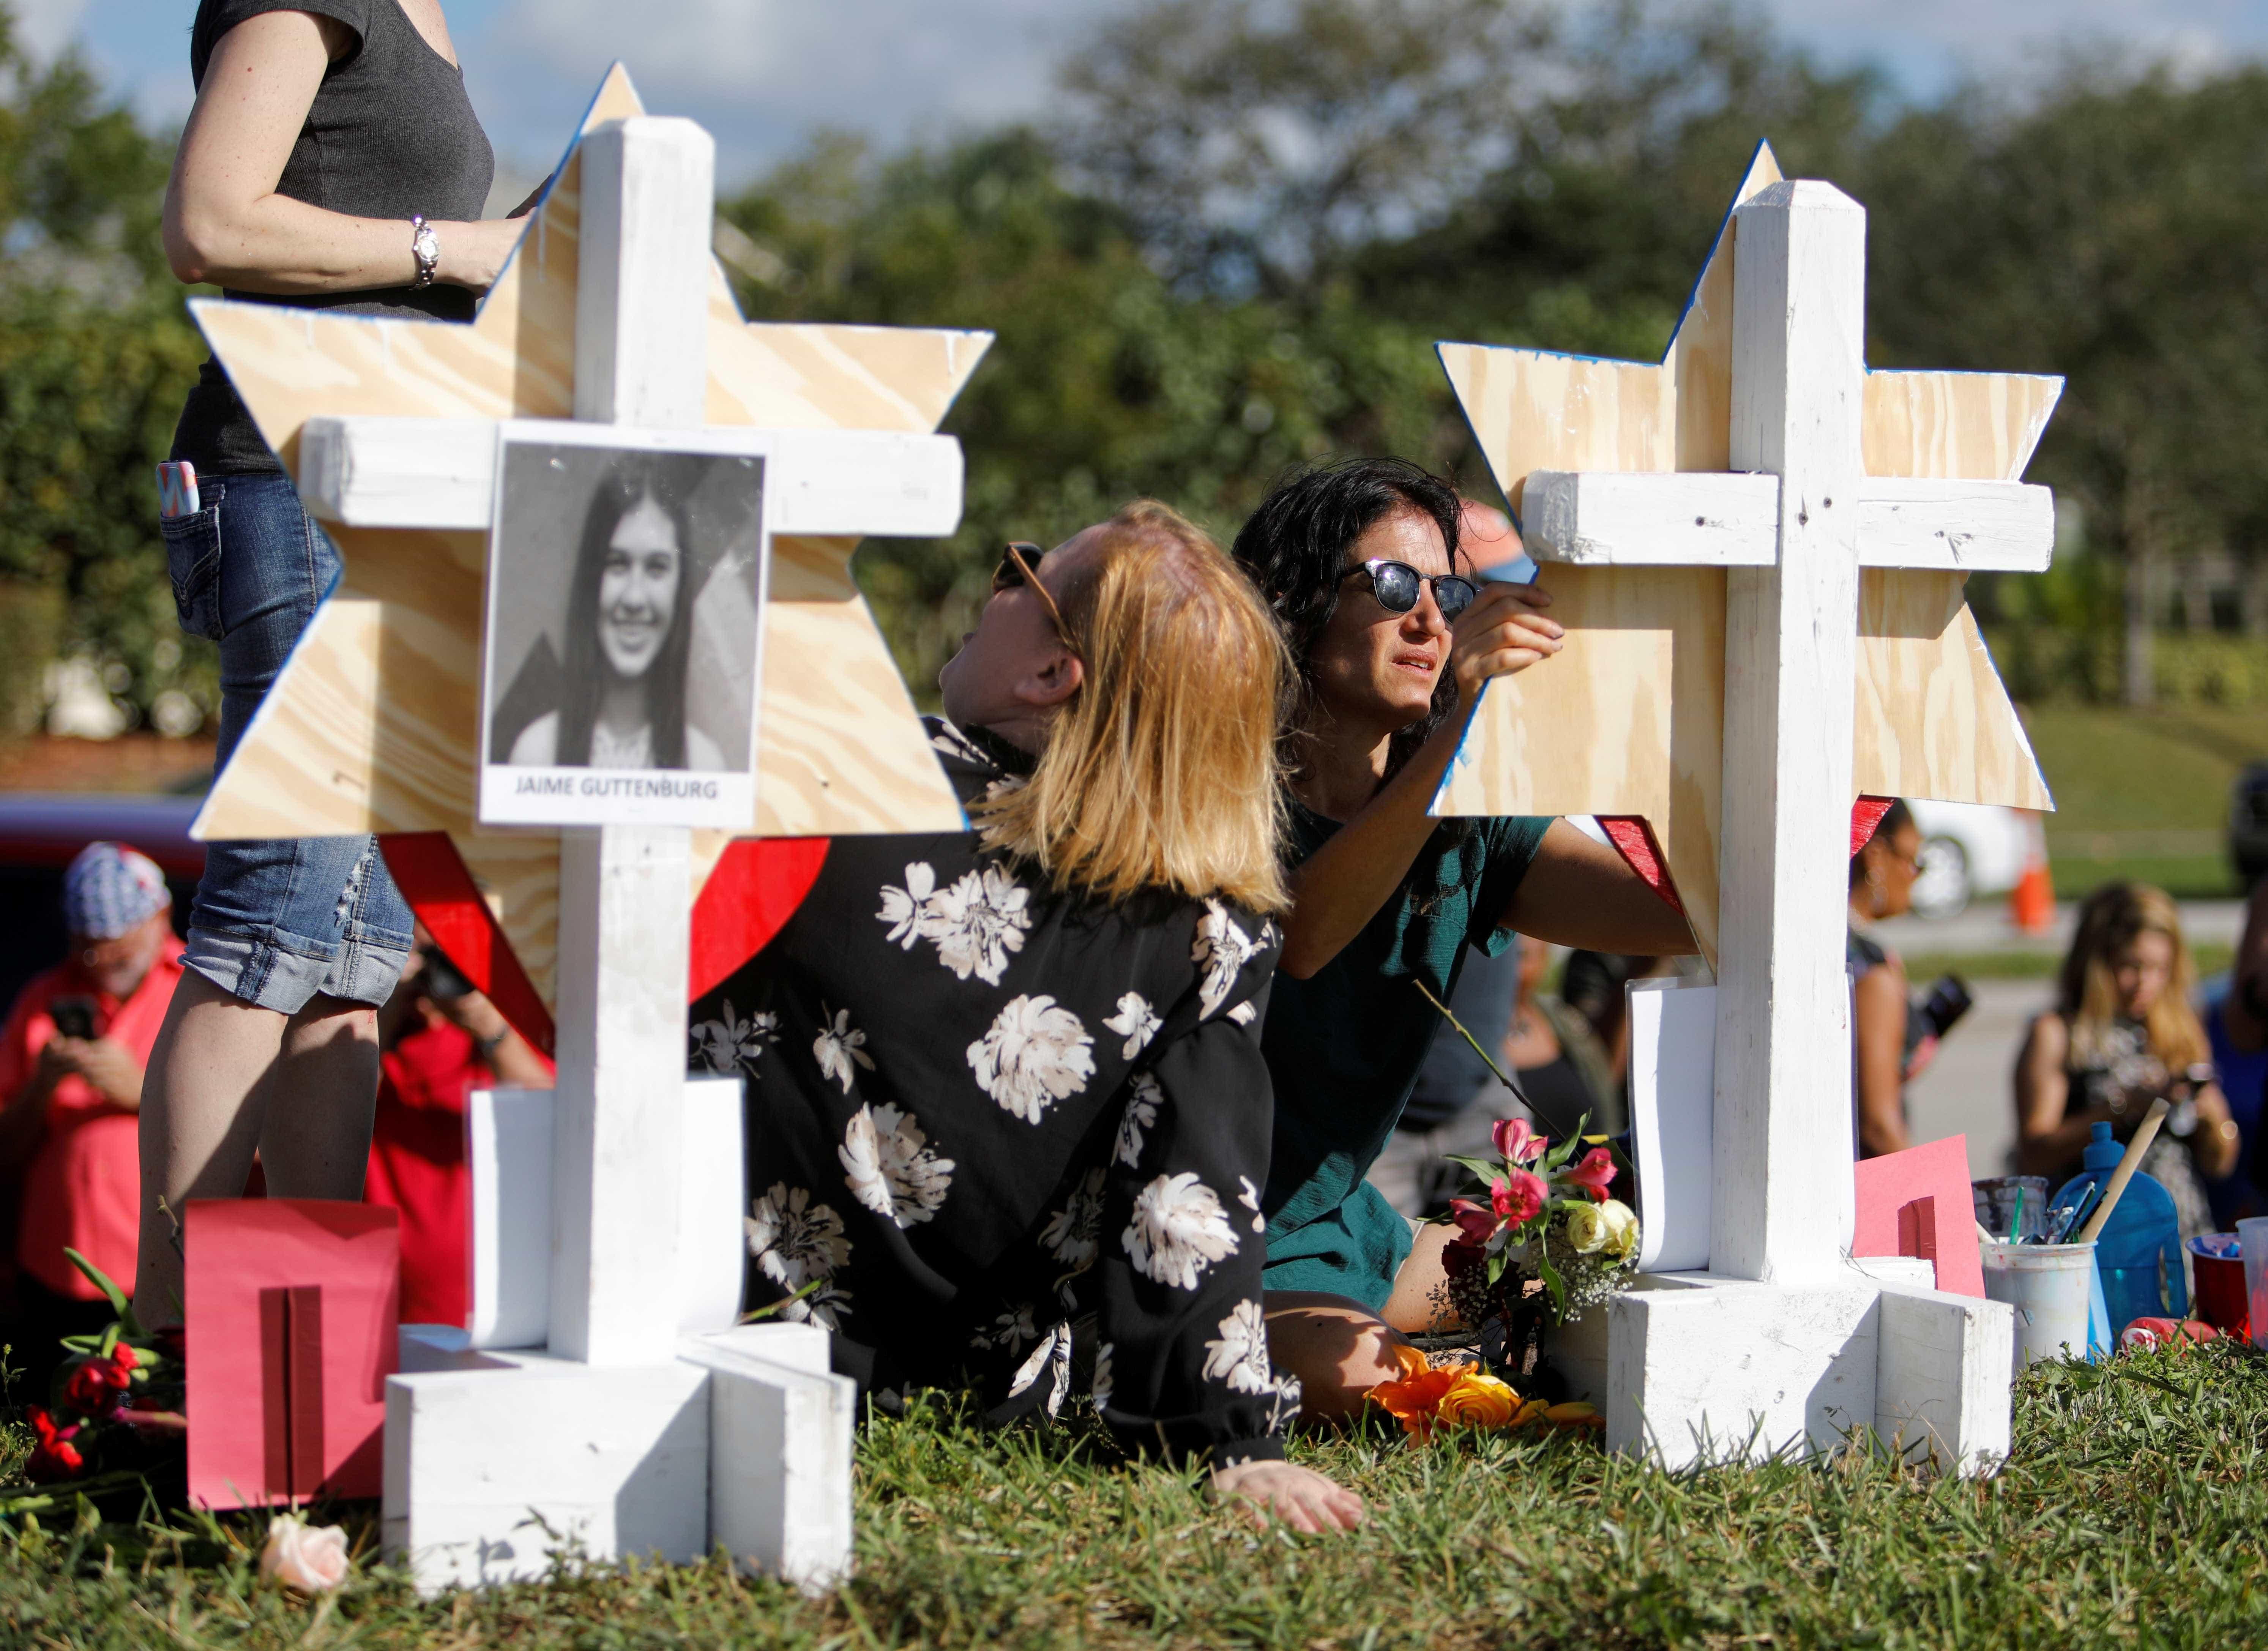 Segundo jovem sobrevivente de tiroteio em Parkland encontrado morto